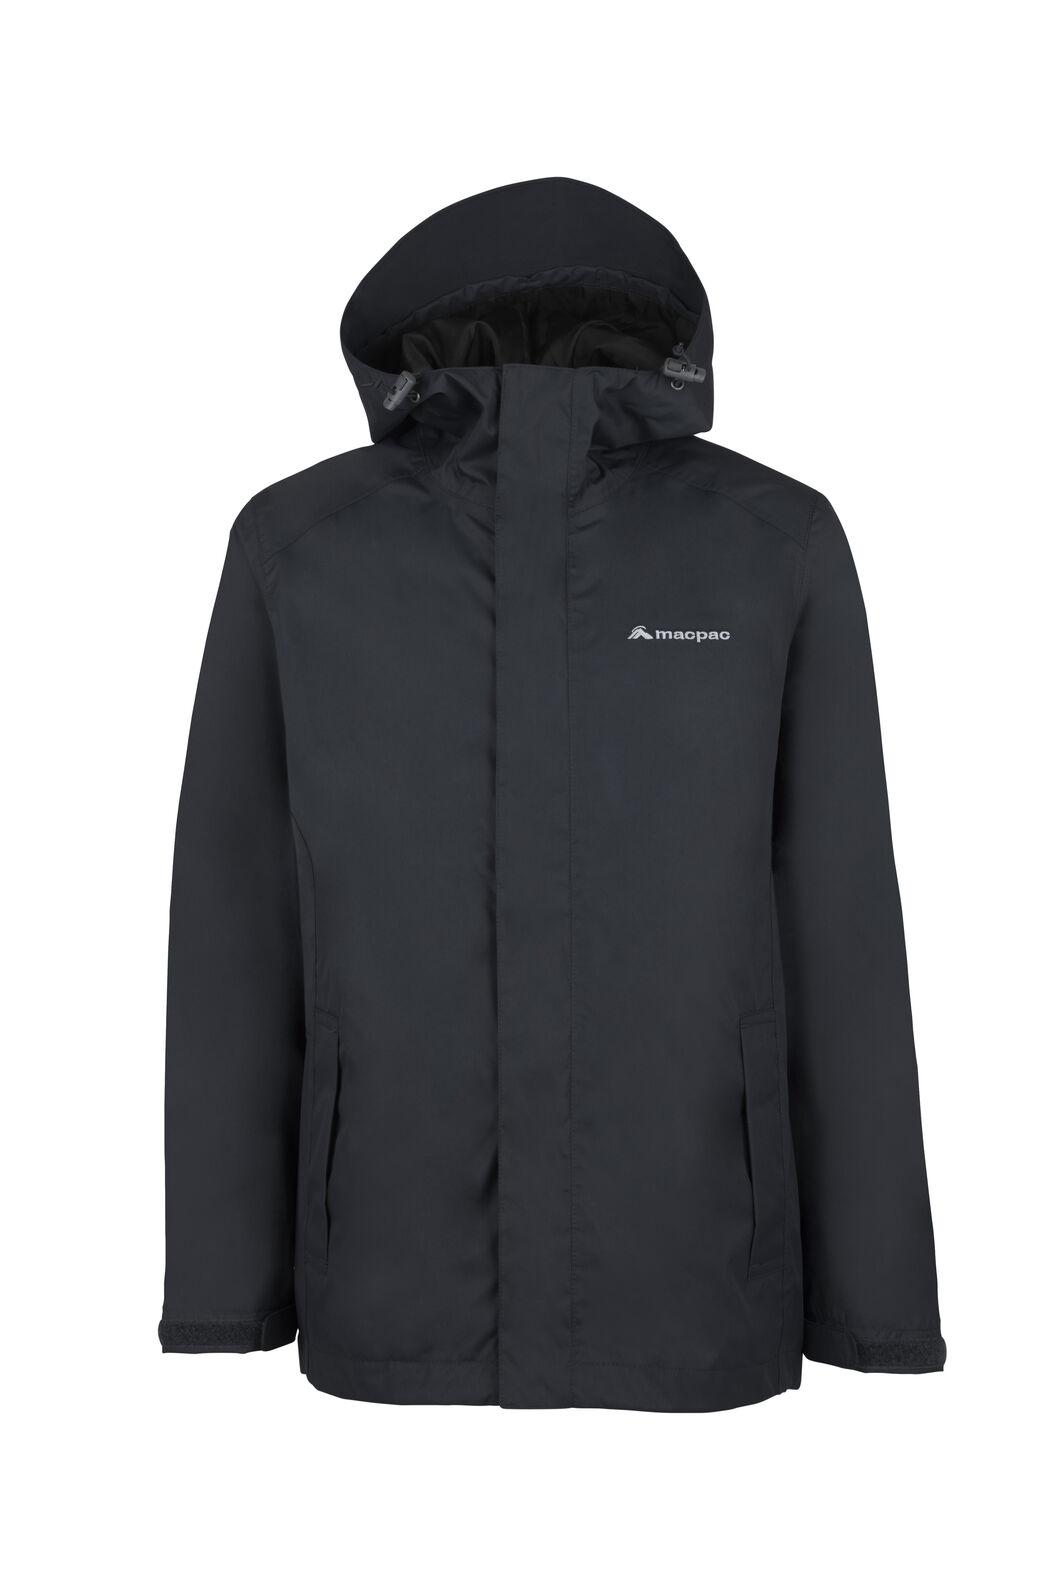 Macpac Jetstream Rain Jacket — Kids', Black, hi-res